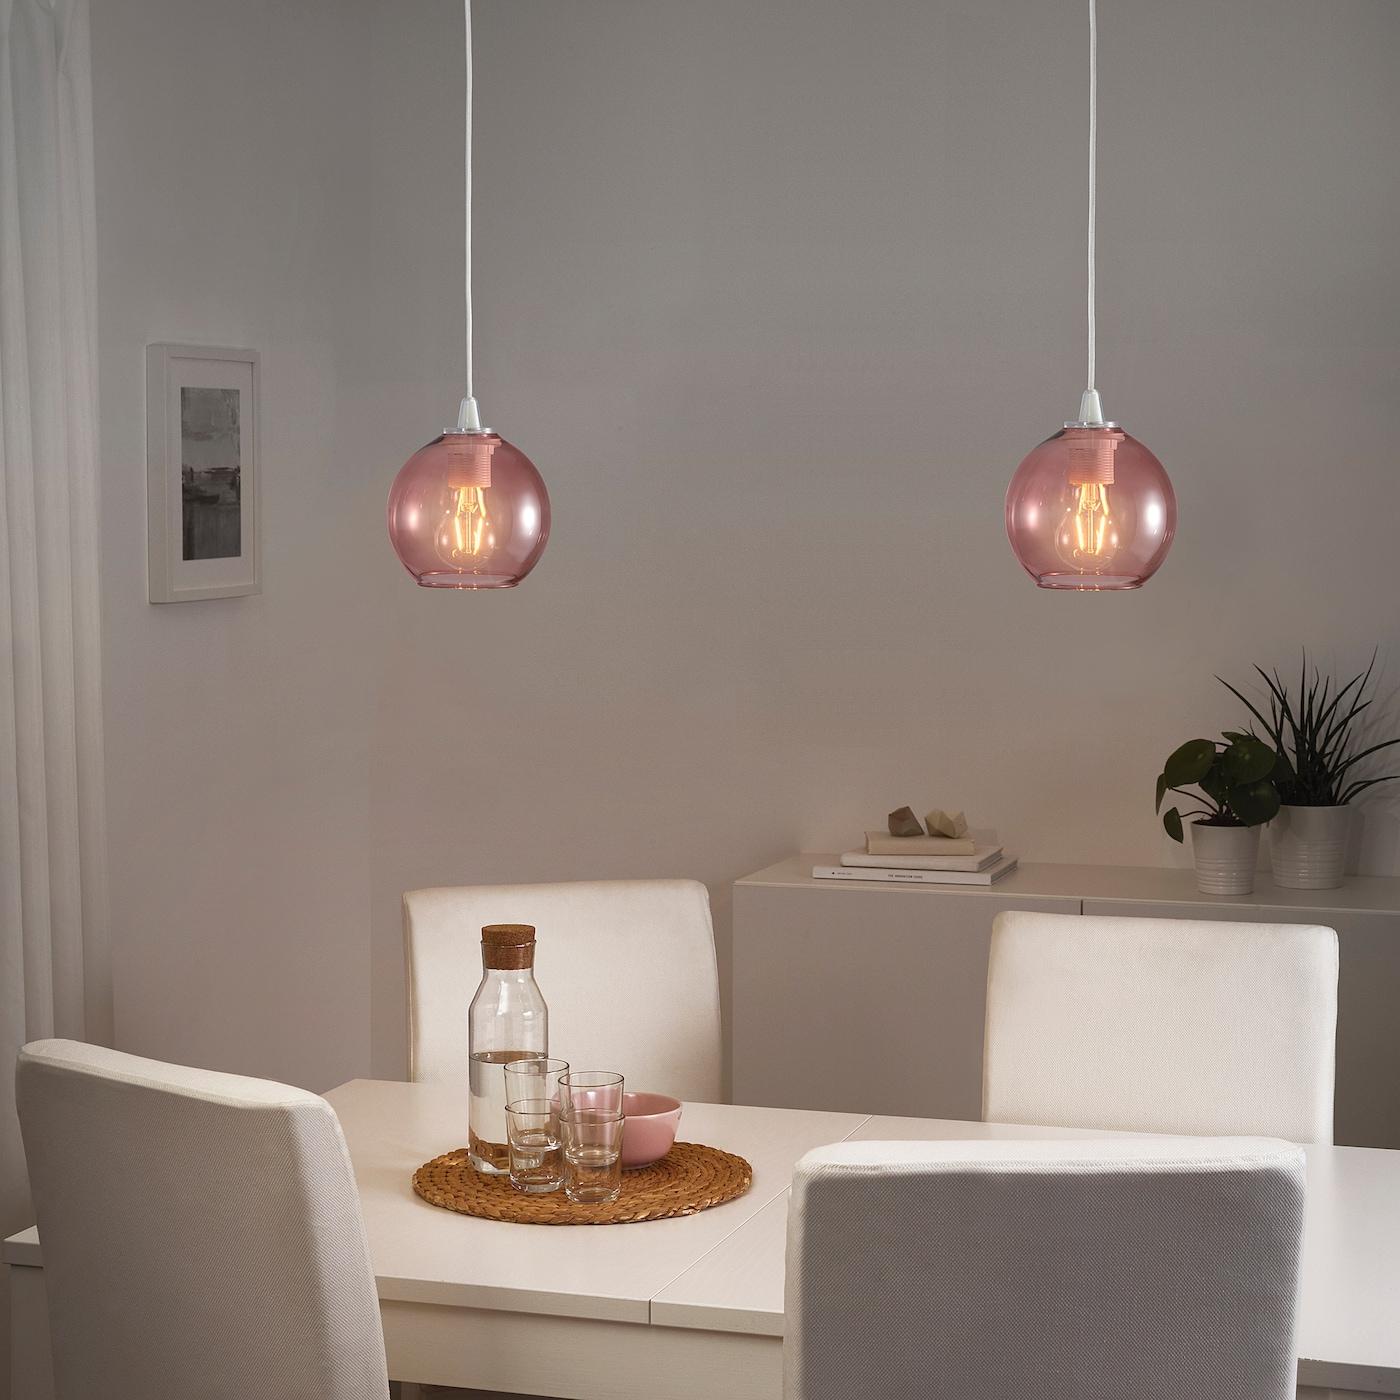 Ikea Jakobsbyn taklampeskjerm selges | FINN.no i 2020 | Stue